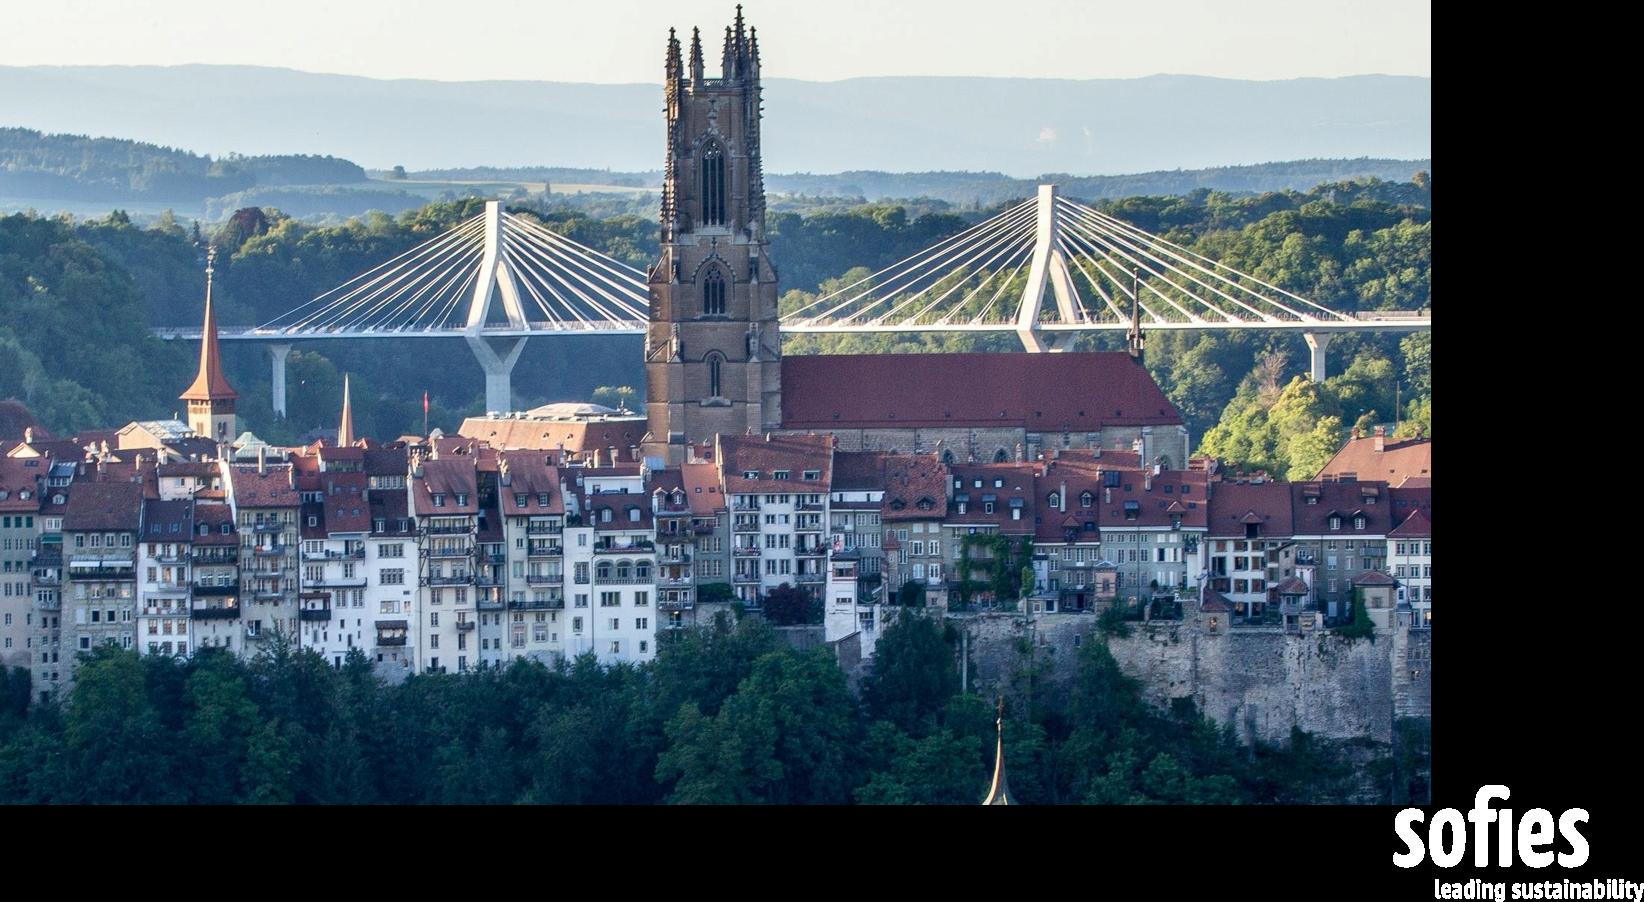 Feuille de route pour l'économie circulaire du canton de Fribourg